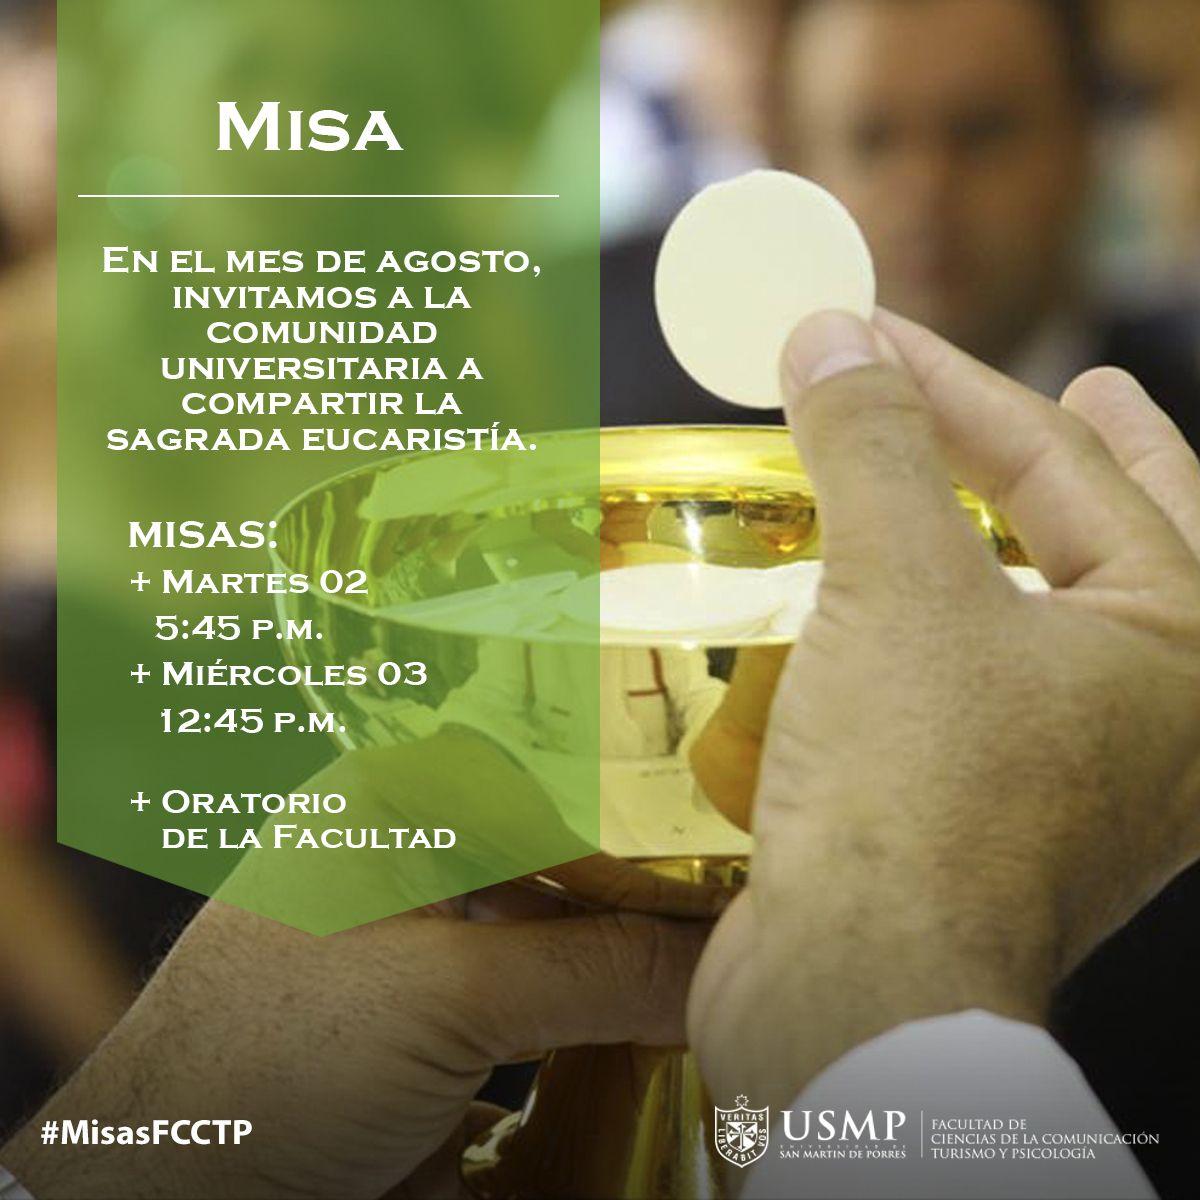 #MisasFCCTP   Empecemos un nuevo mes recargados de paz espiritual. Ven a nuestro Oratorio para compartir la sagrada Eucaristía.